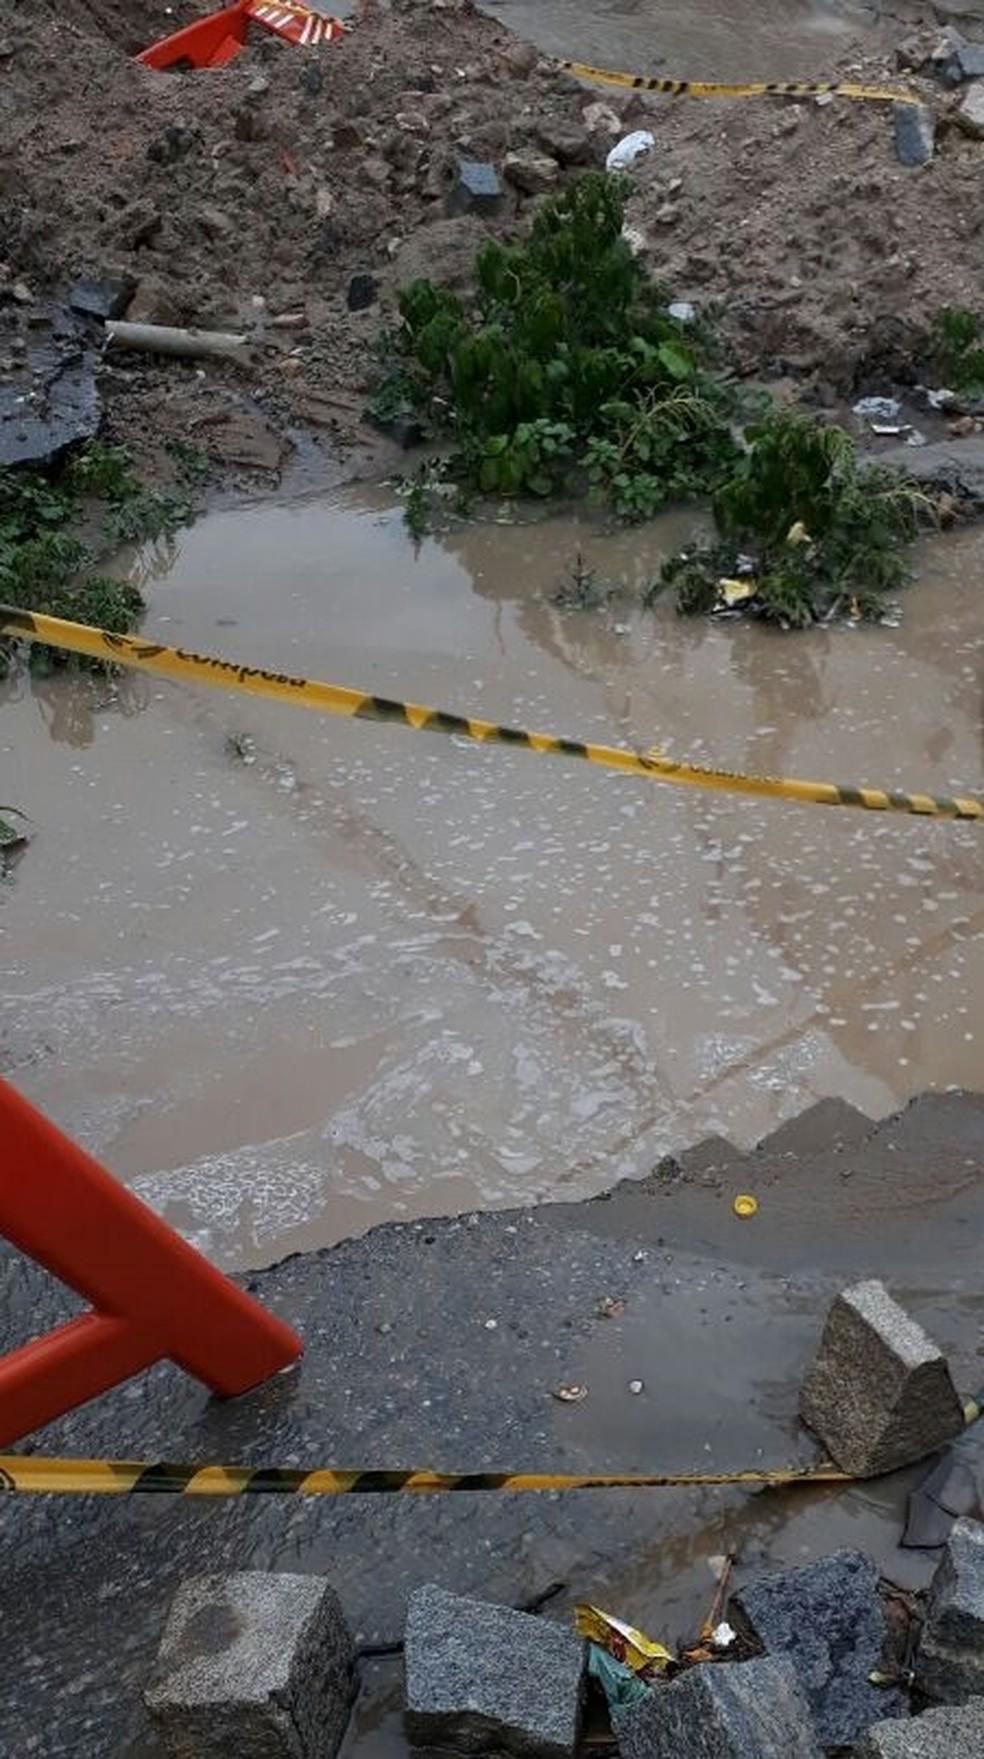 Bueiro fica no bairro Fazenda Velha em Toritama (Foto: Reprodução/WhatsApp)